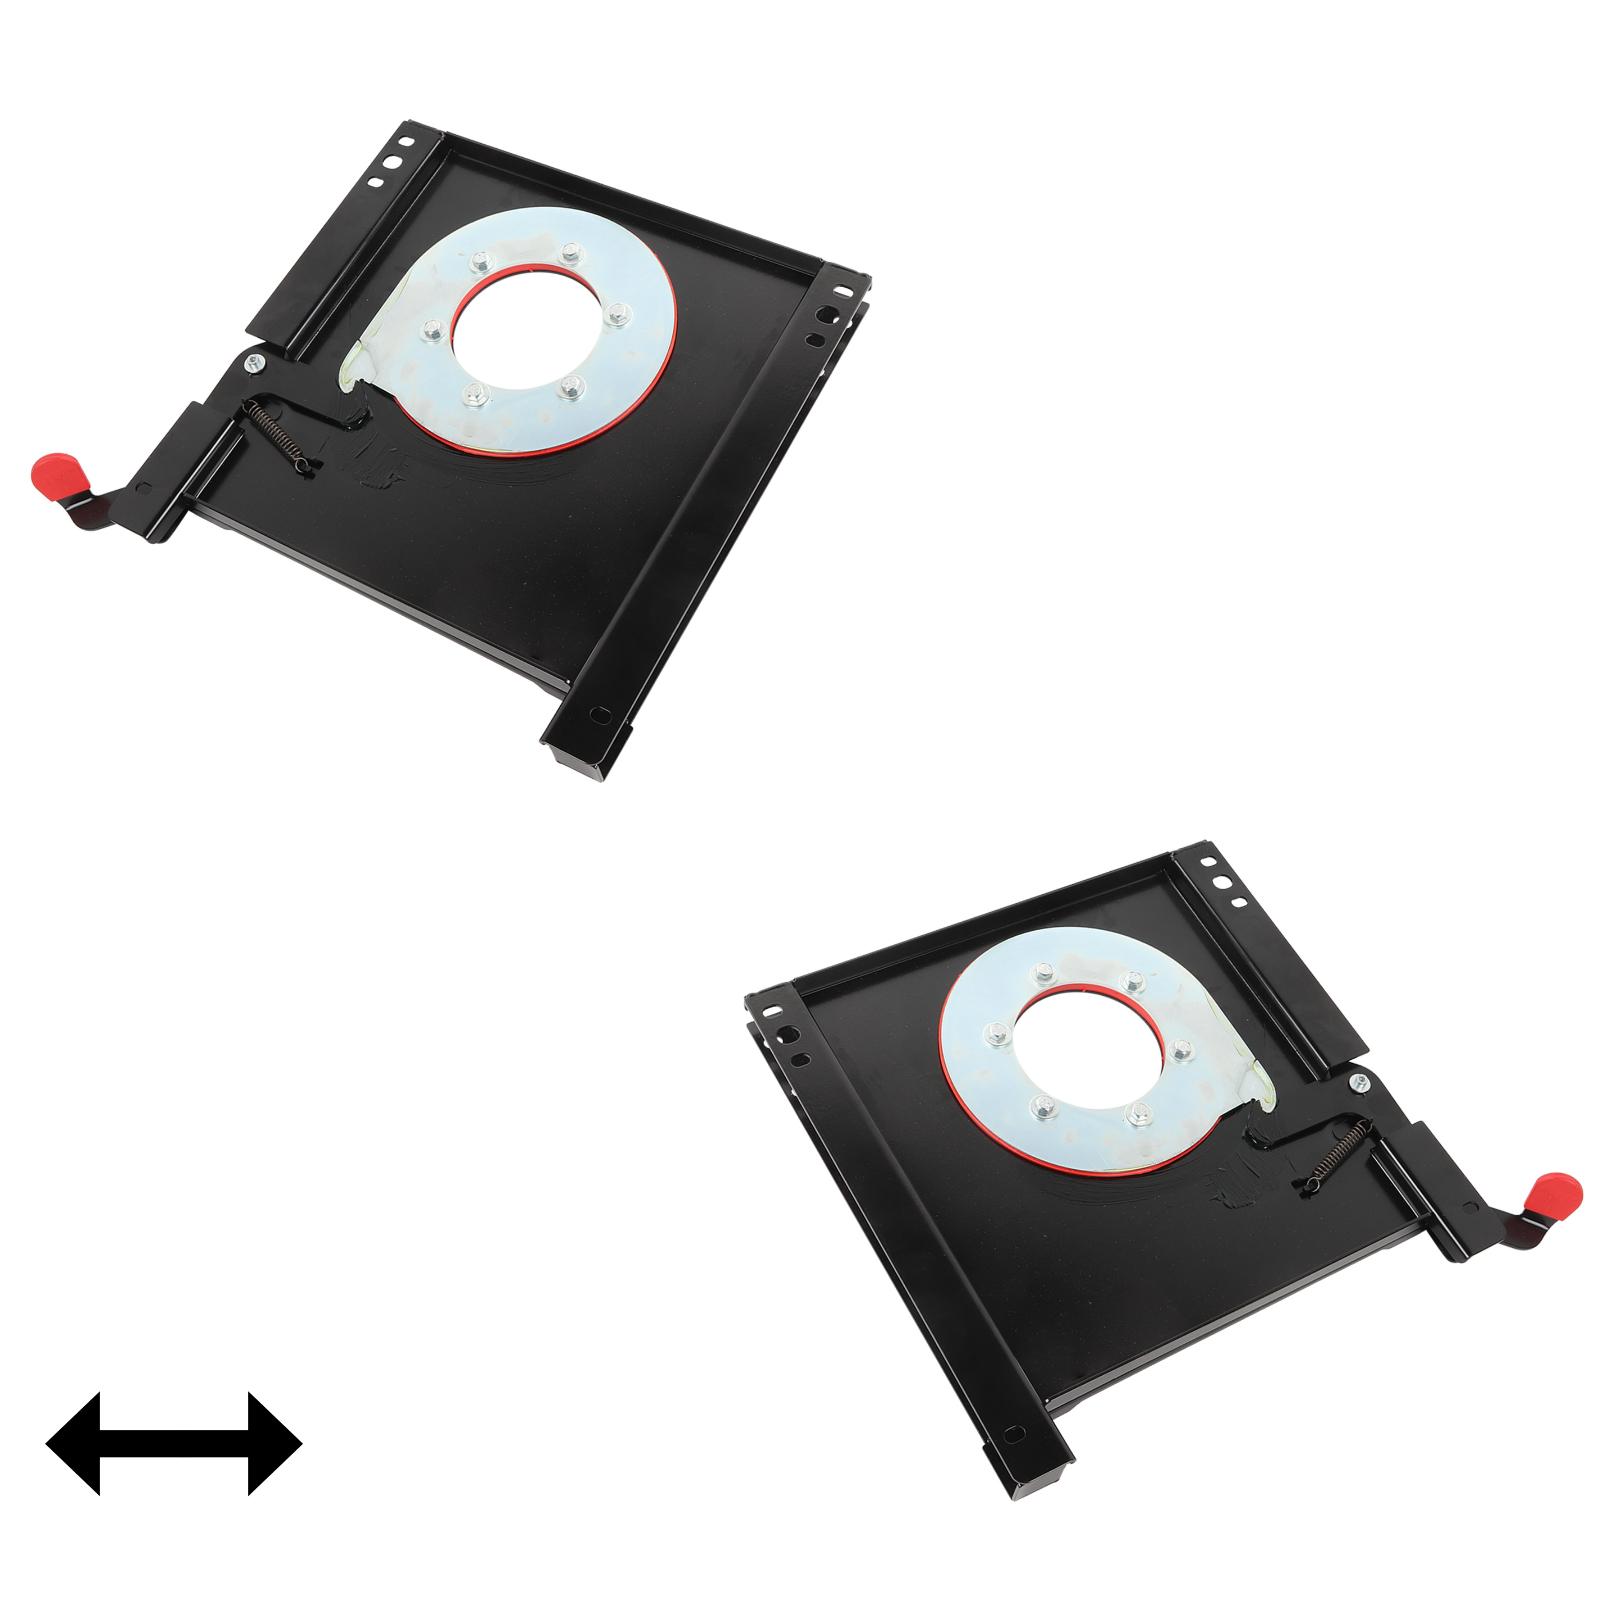 Drehkonsole Fahrer und Beifahrerseite | Ducato ab 2006 | X250 X290 | 360°drehbar